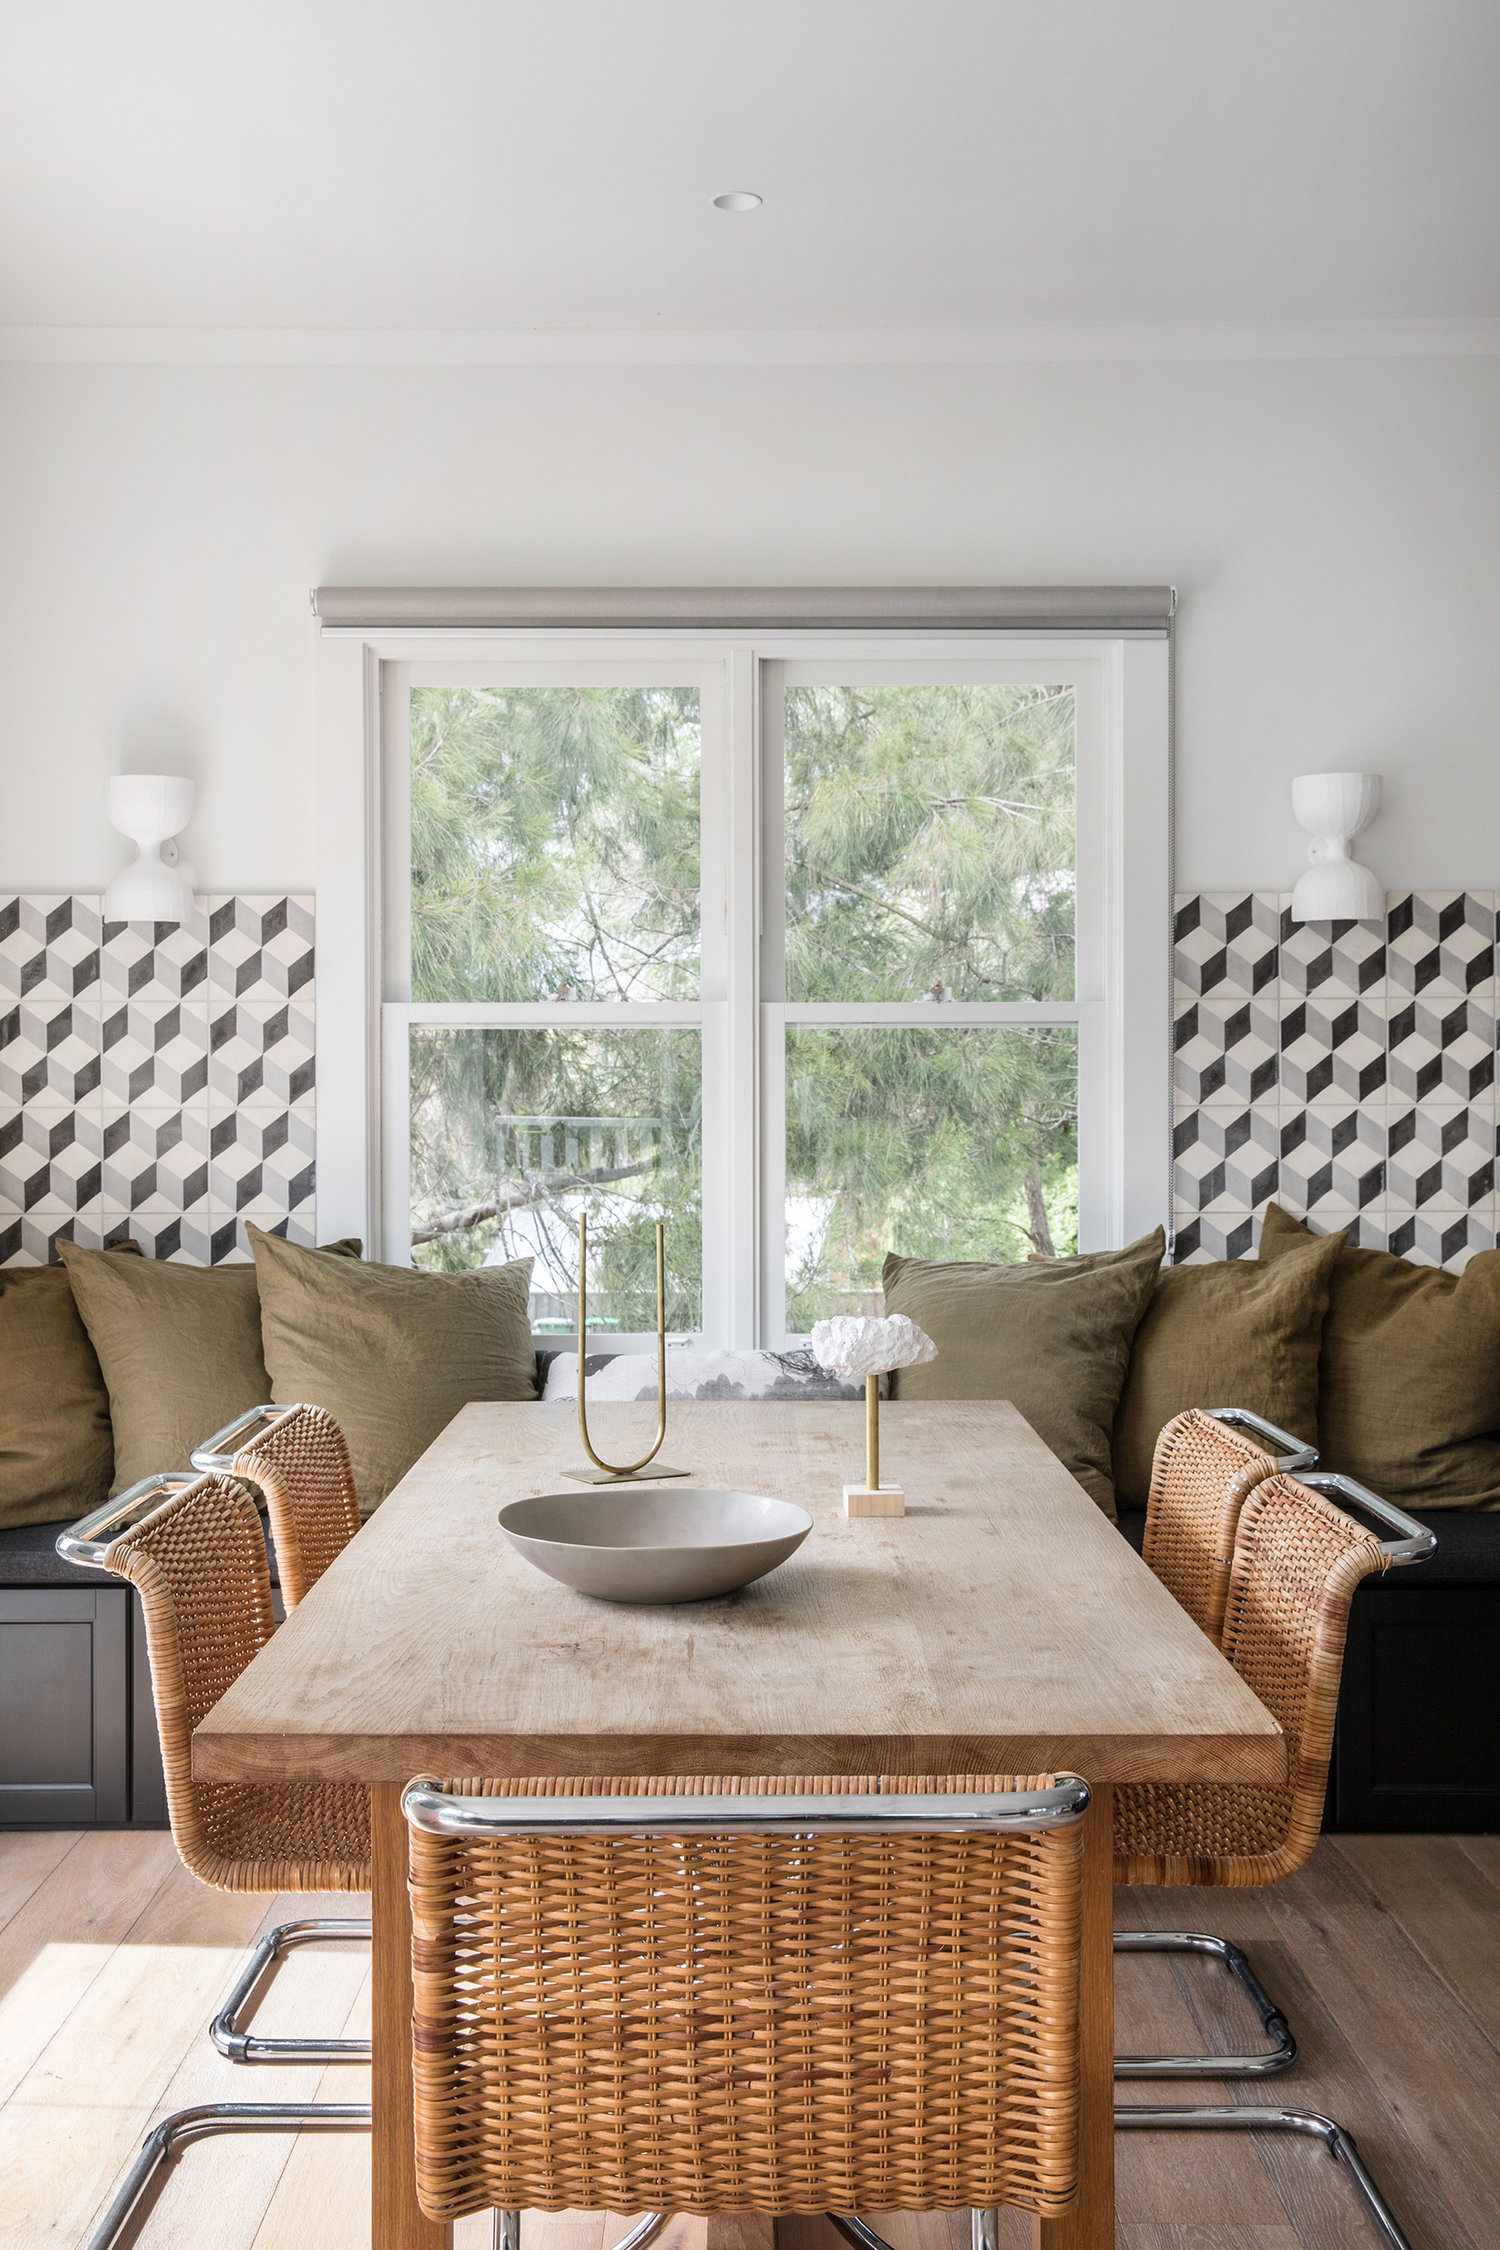 carrelage noir et blanc et chaises vertes en osier dans les coins-repas vert armée | visite de la maison sur coco kelley